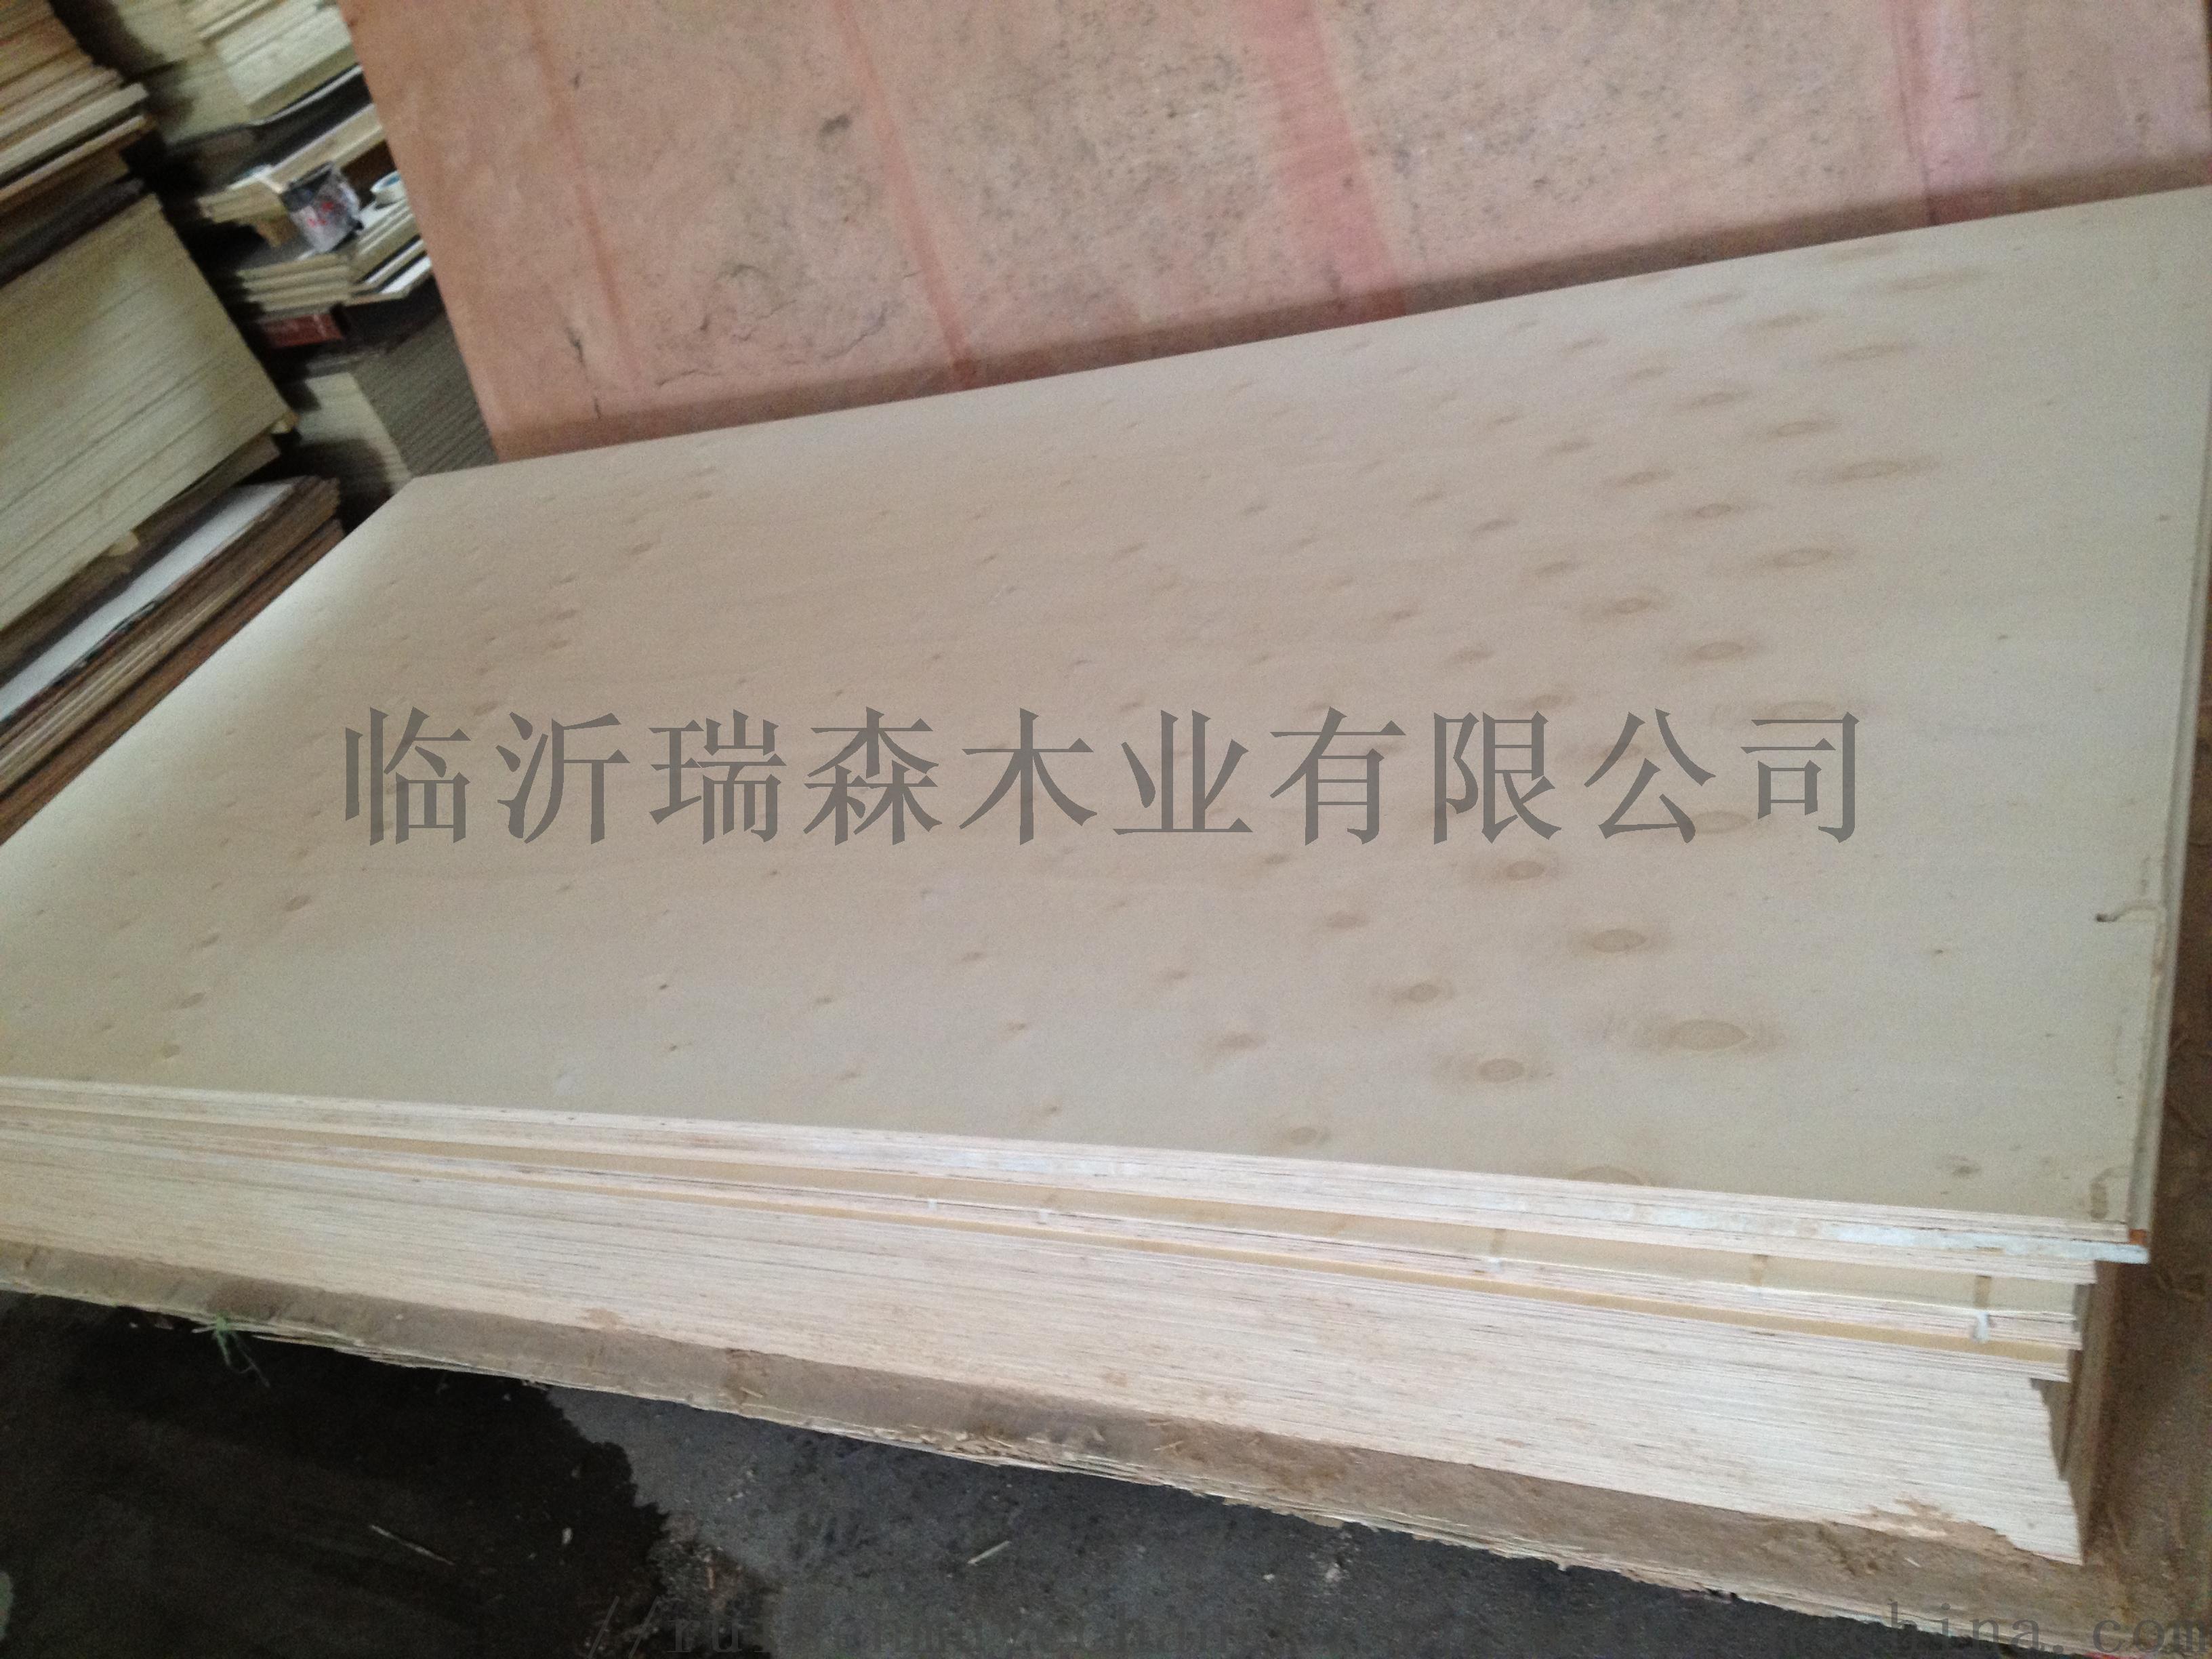 漂白杨木胶合板包装板三合板厂家直销木板材57880112